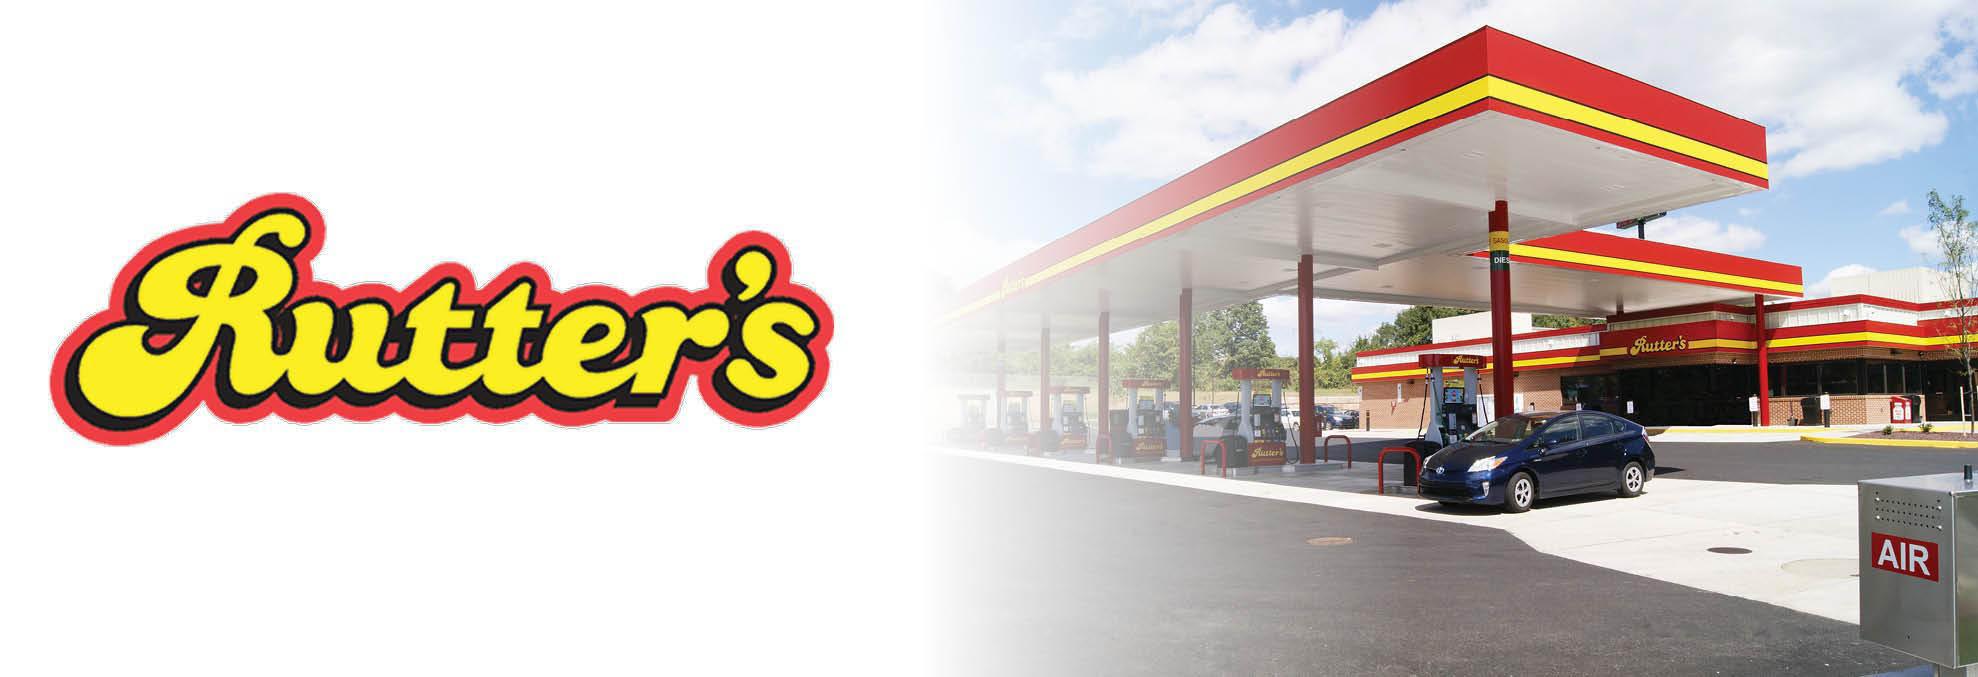 Rutter's Farm Stores, Convenient Store, Gas Station, Gas Store, Rutters, Fuel, Car Stop, Rest Stop